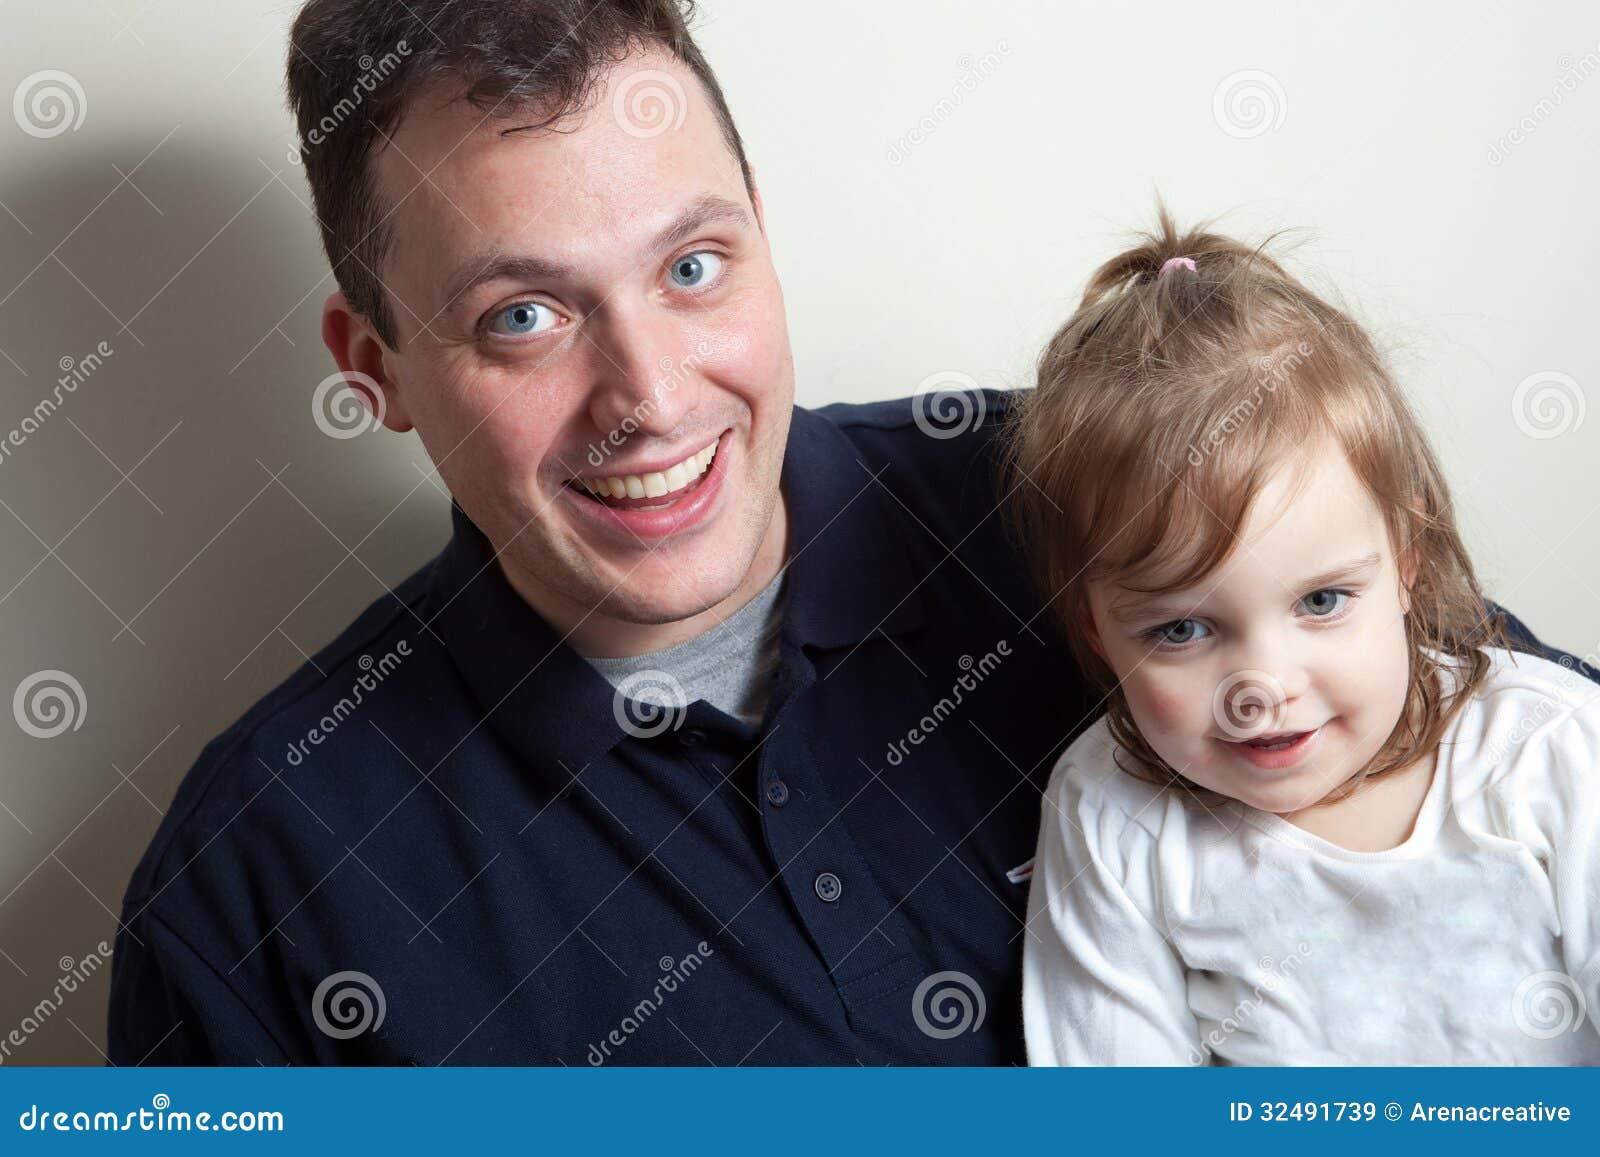 Толстая дочь и отец онлайн, Толстая дочка -видео. Смотреть толстая дочка 23 фотография